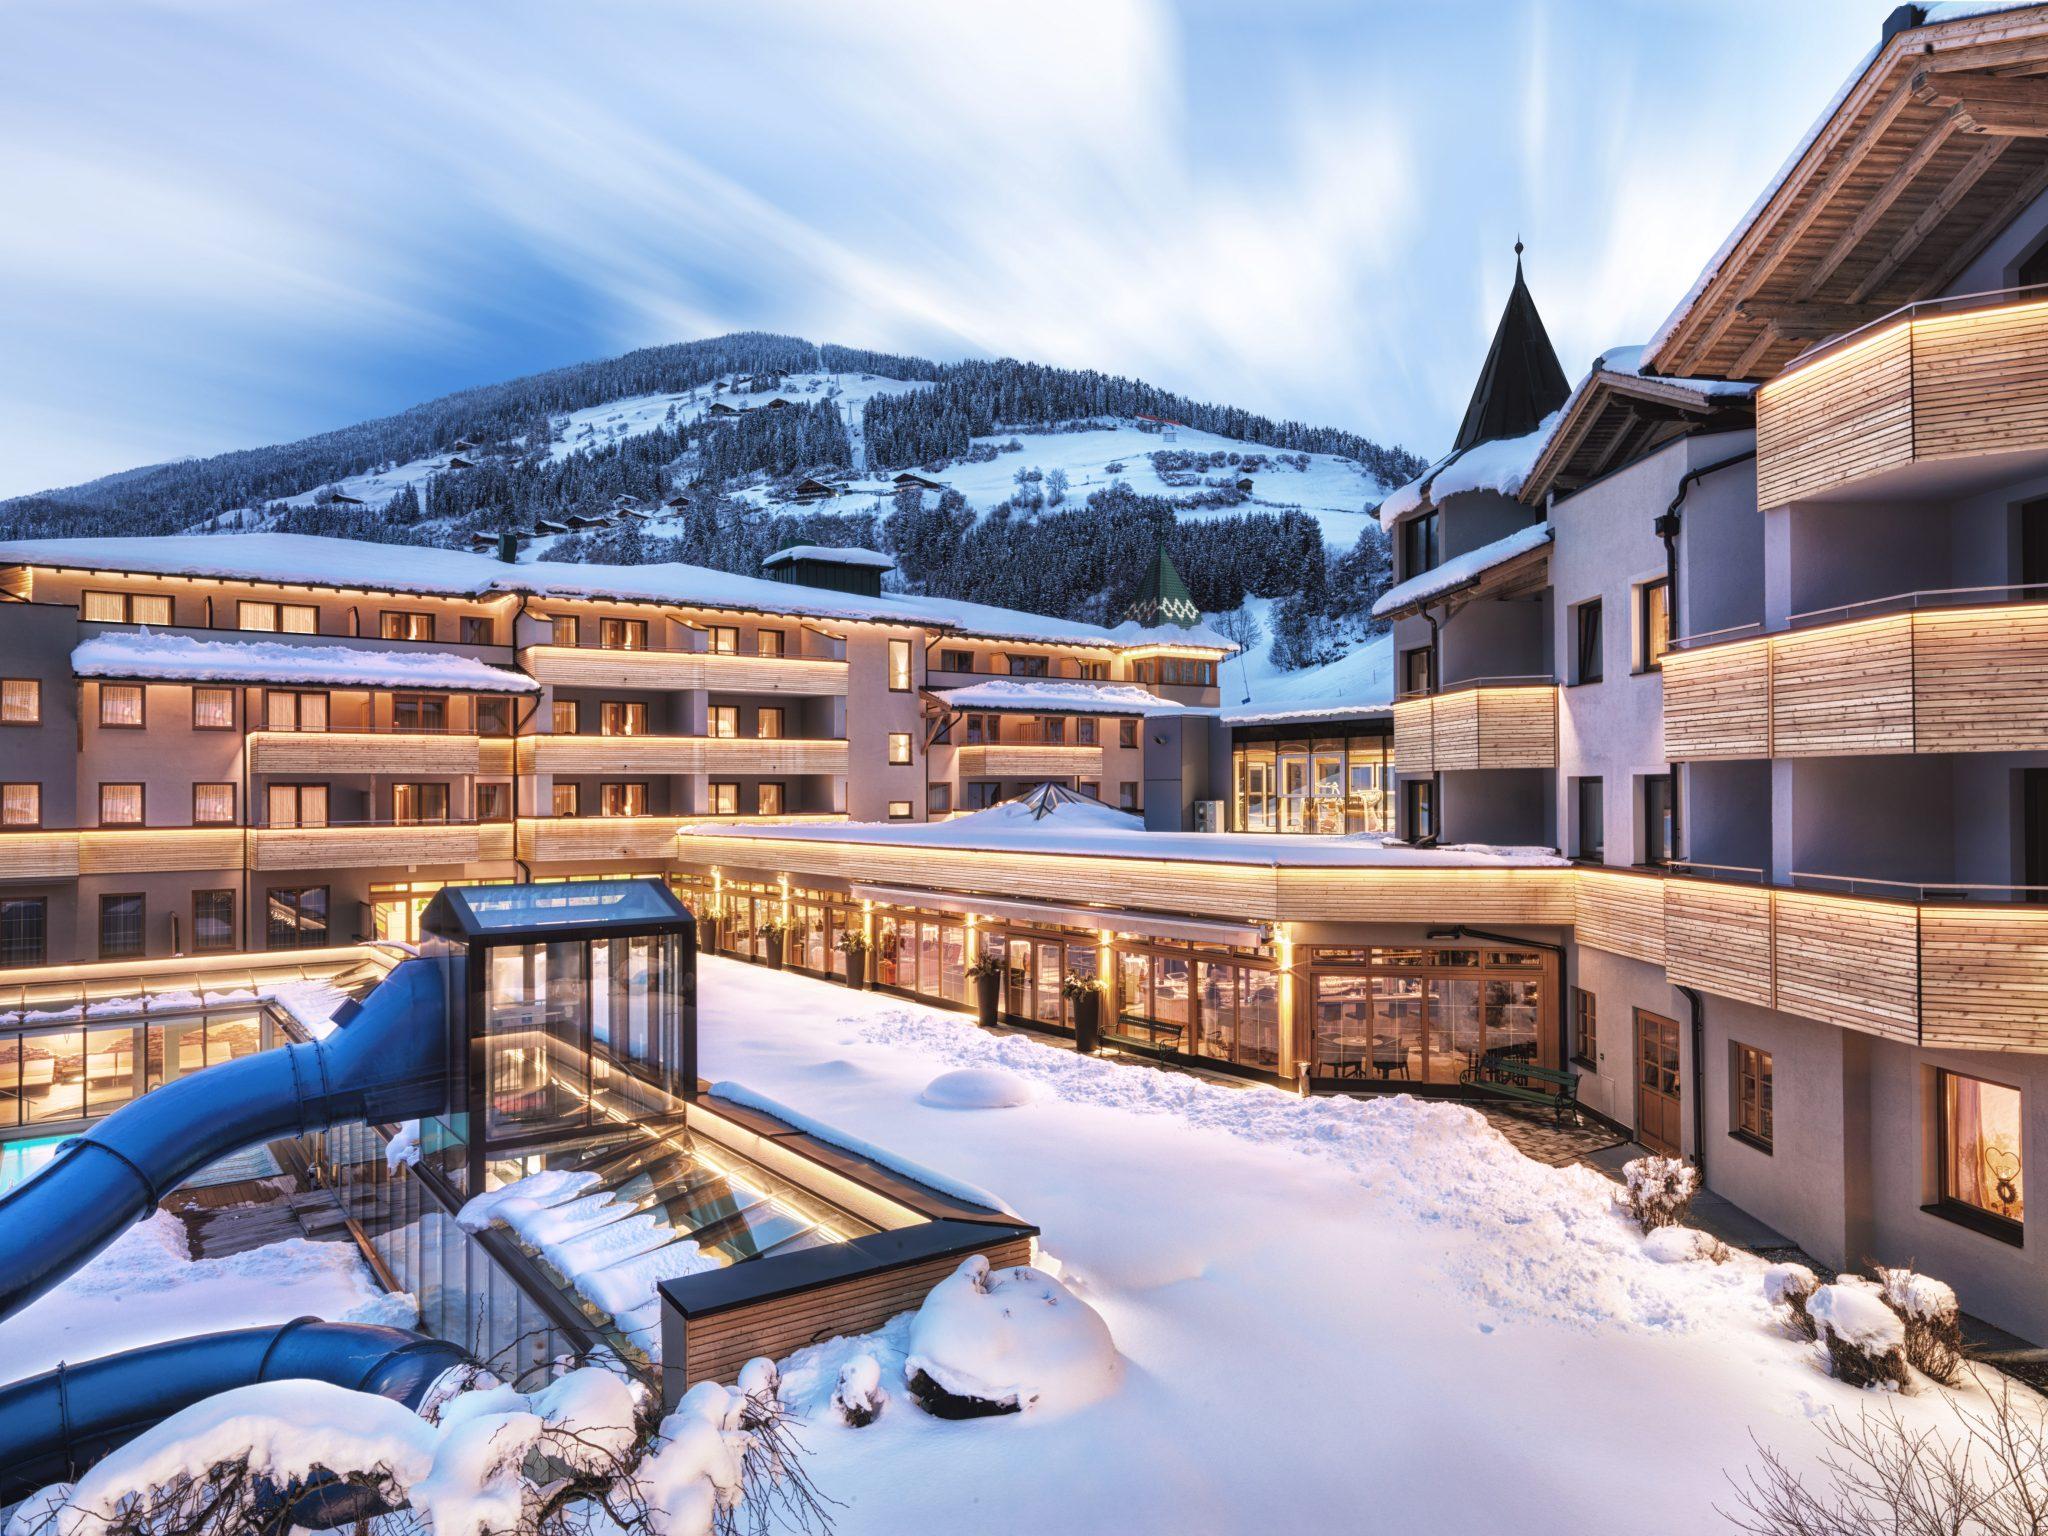 Skiparadies Ski)Hit Osttirol: Geheimtipp für große und kleine Wintersportler